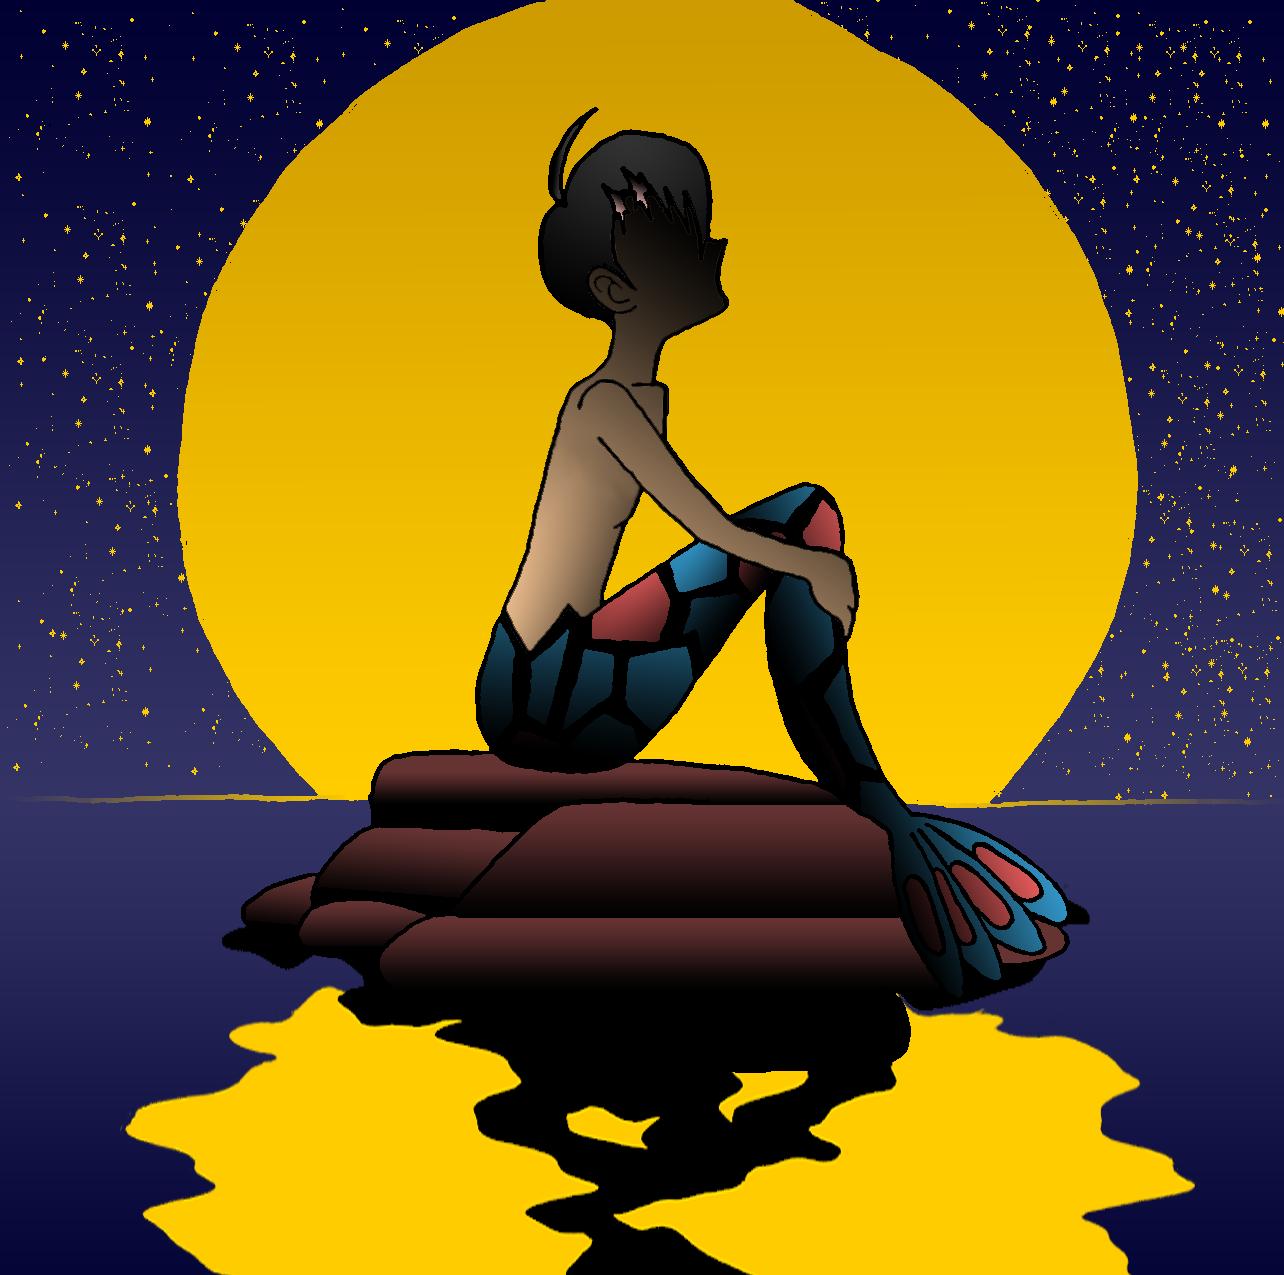 Hoenn's Little Mermaid [Chapter 1] by PrettySoldierPetite